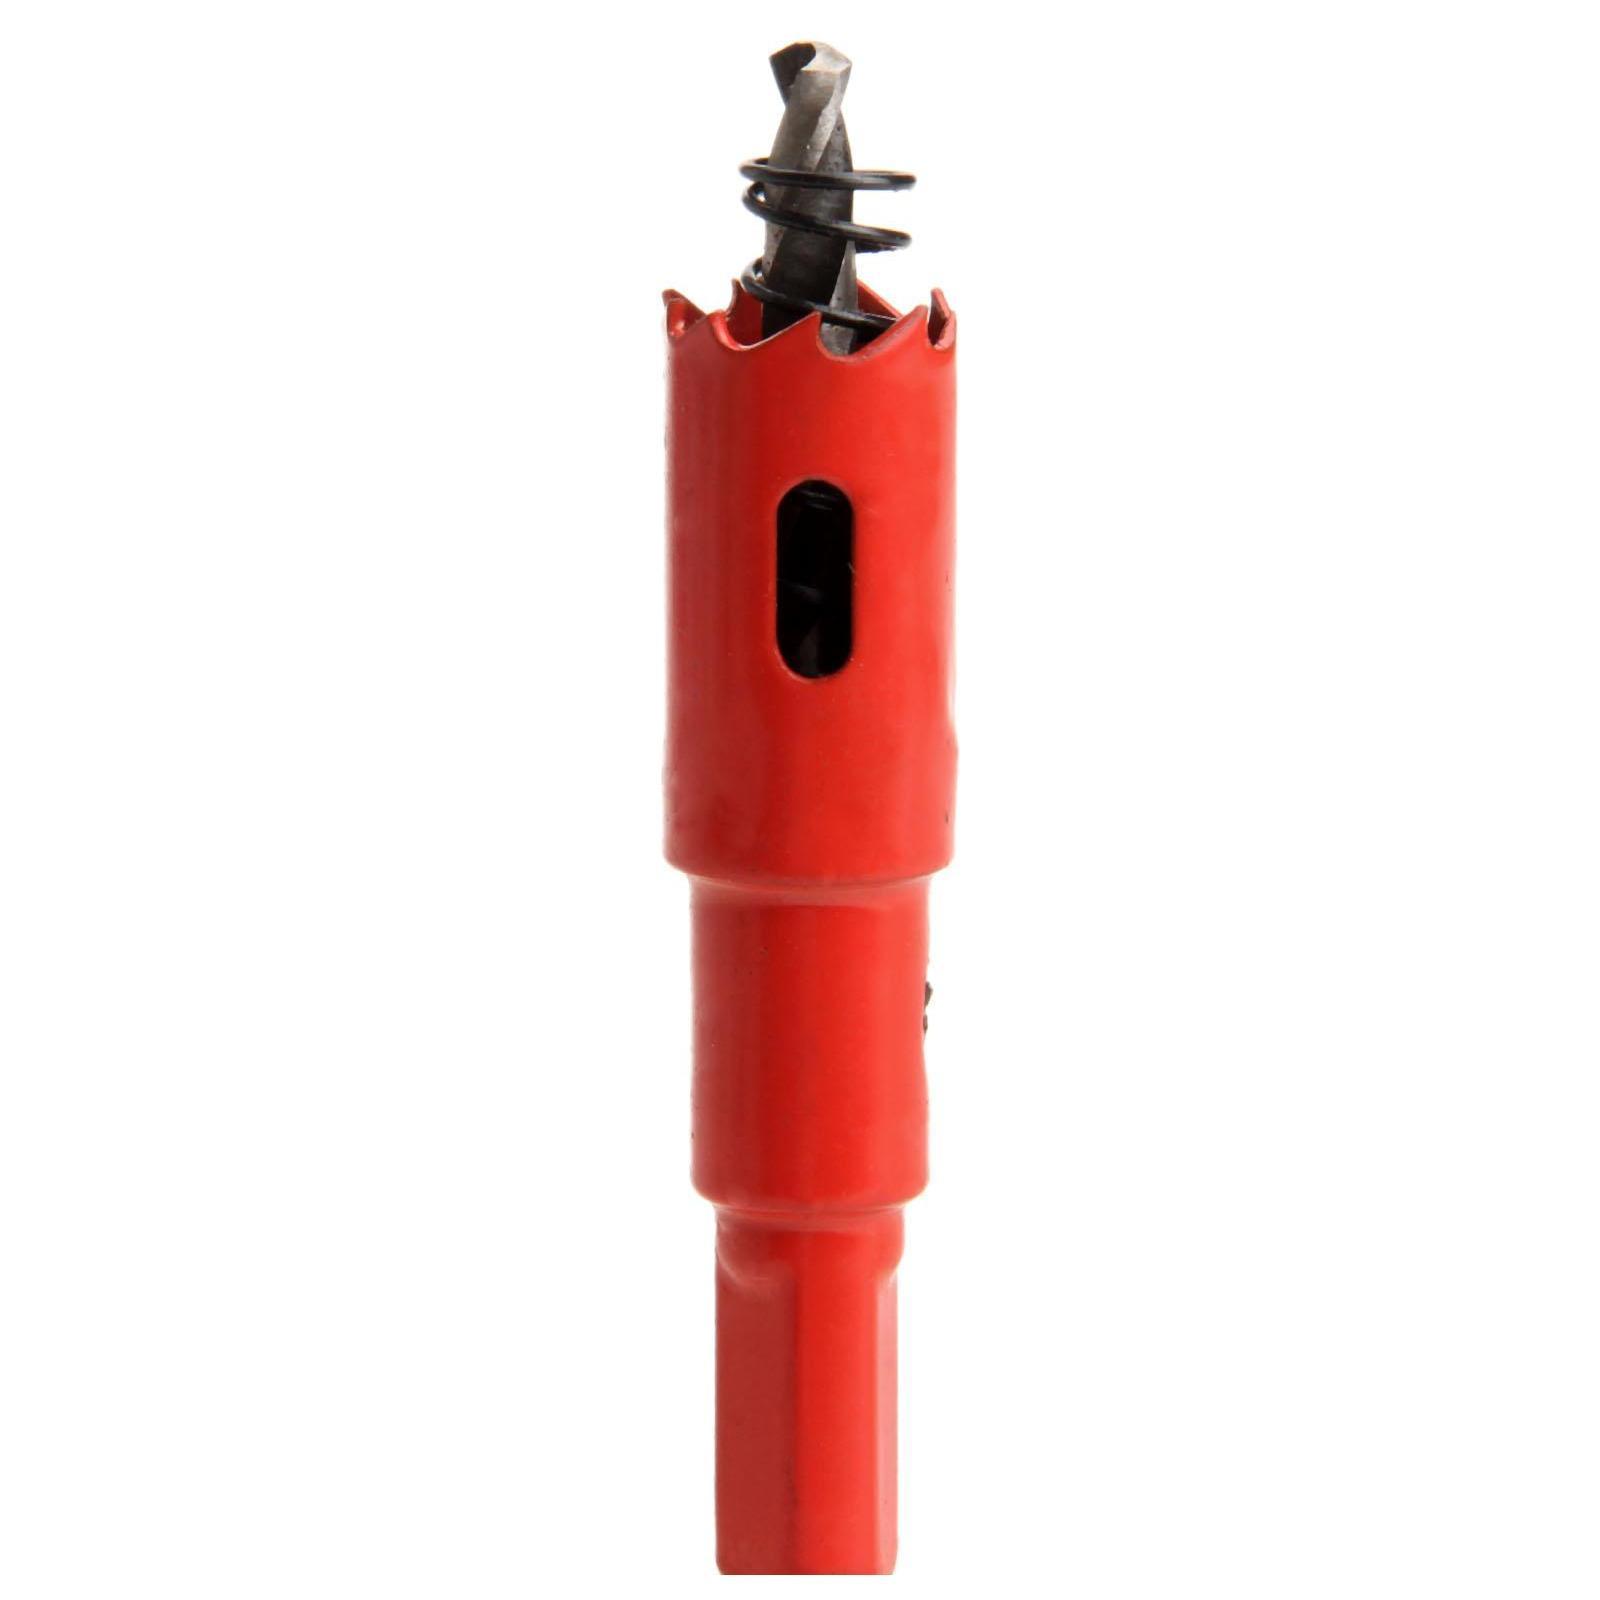 16mm-50mm Bohrer Lochsäge Twist Bohrer Bits Cutter Power Tool Metalllöcher Bohrkasten Carpentry Tools SQCBAO Sports2010